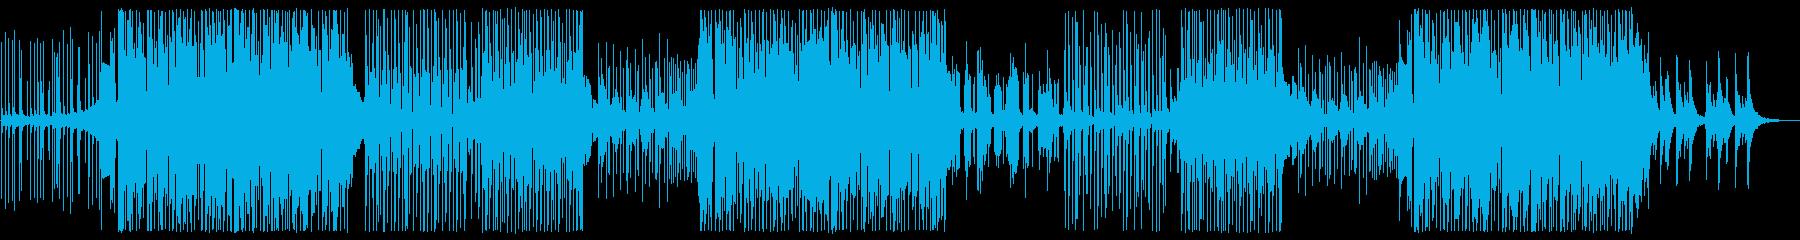 オーラ・リー  POP remixの再生済みの波形